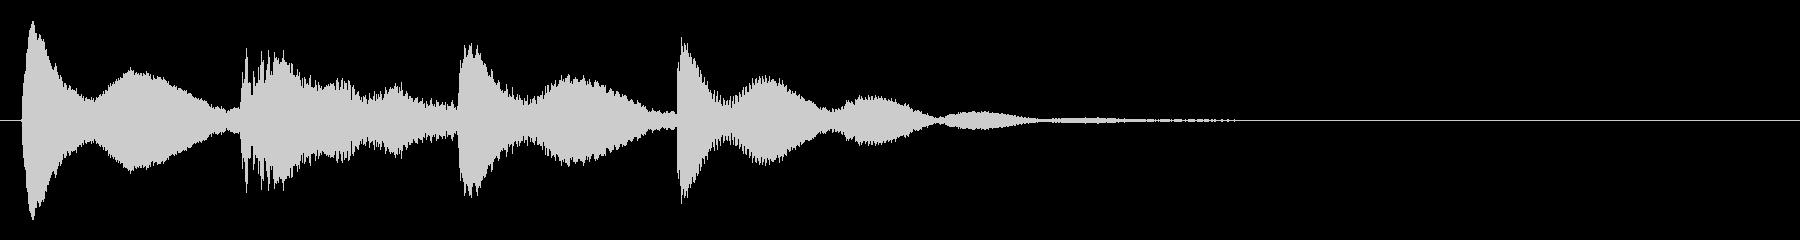 【ティントンティトン】スチールドラムの音の未再生の波形